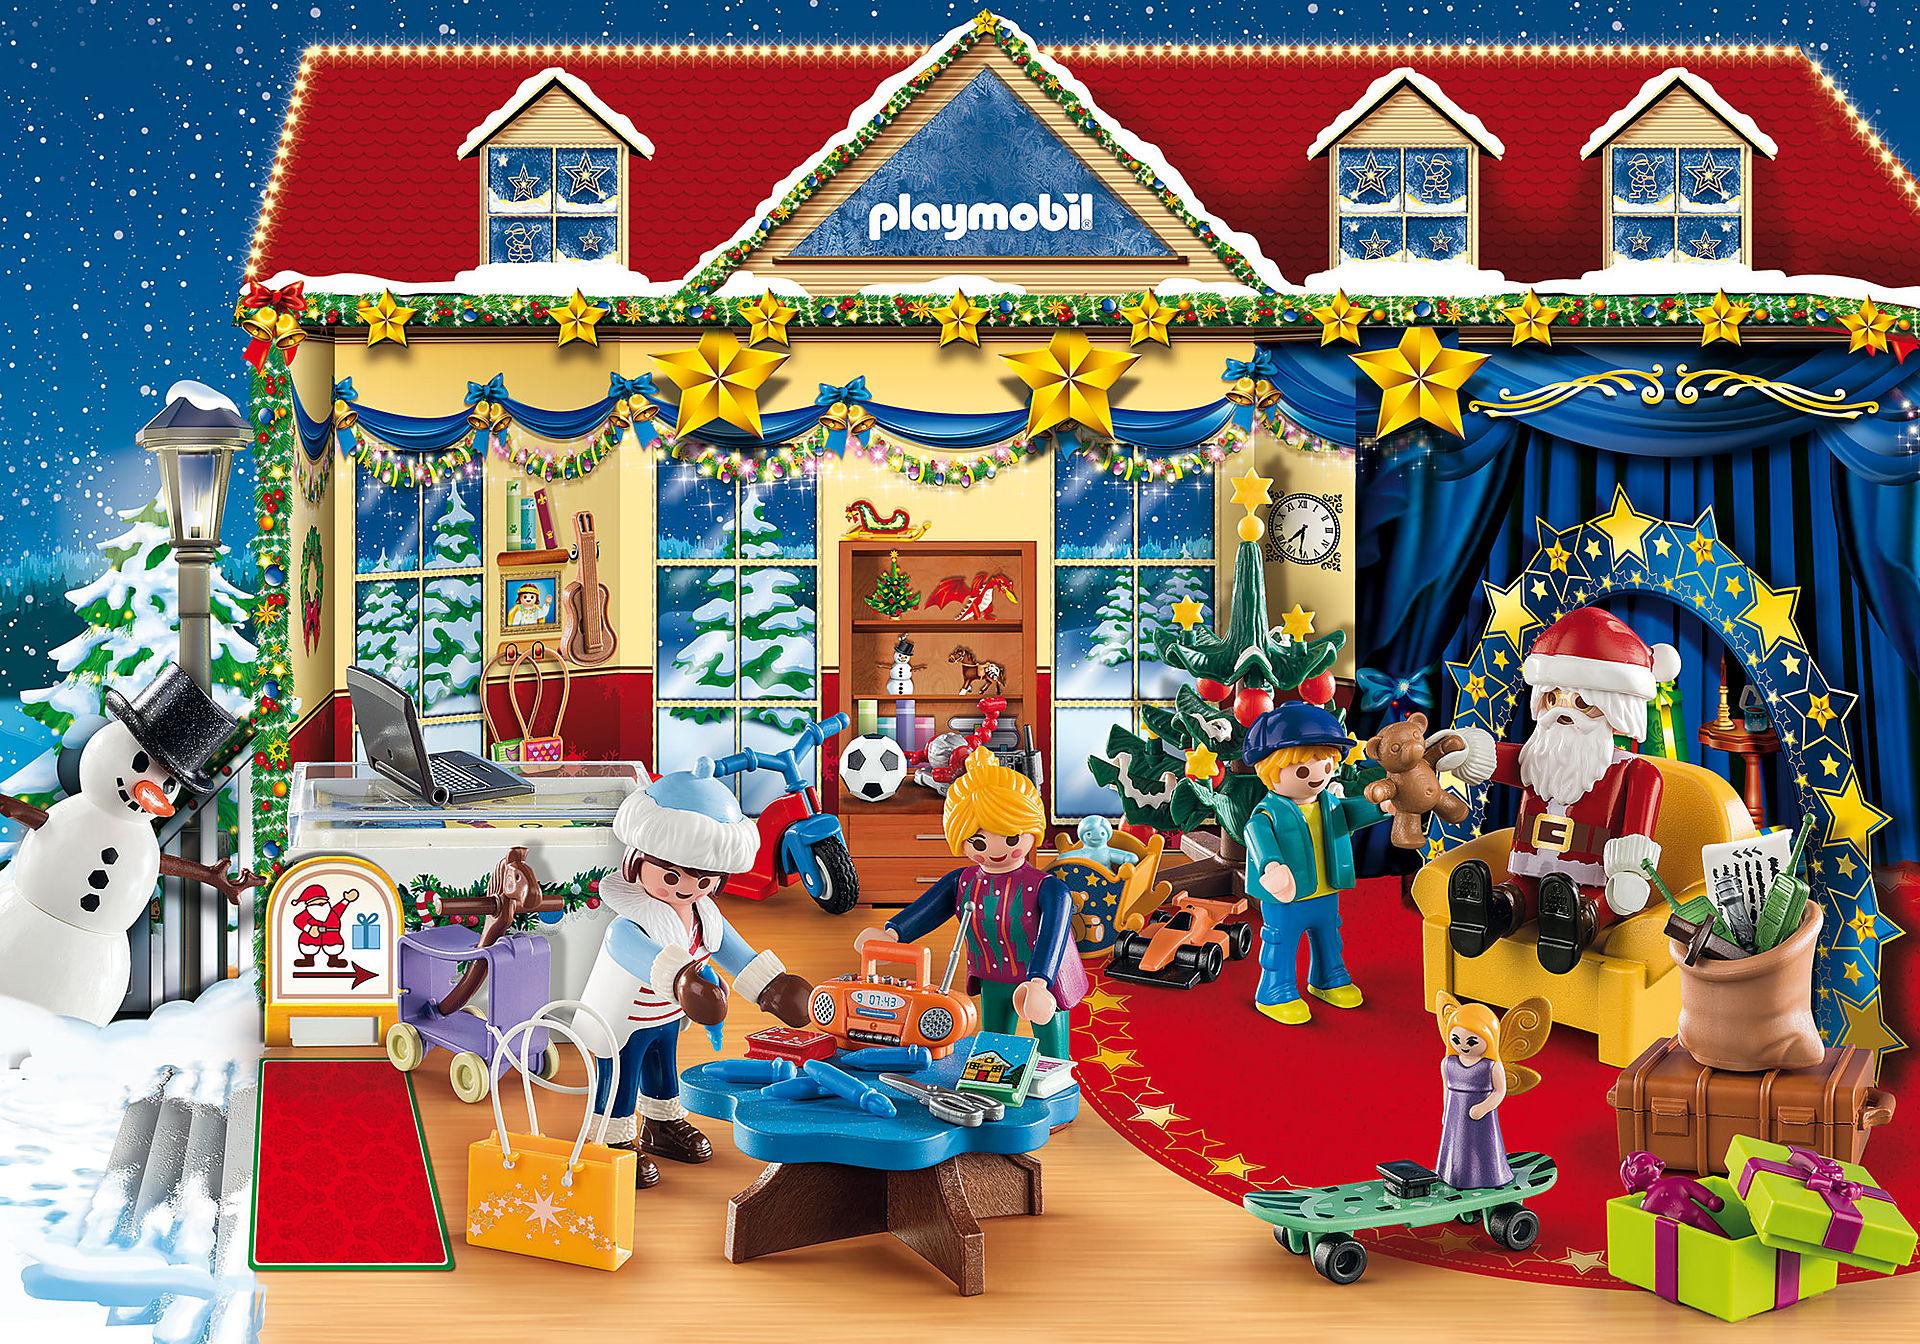 http://media.playmobil.com/i/playmobil/70188_product_extra1/Advent Calendar - Christmas Toy Store